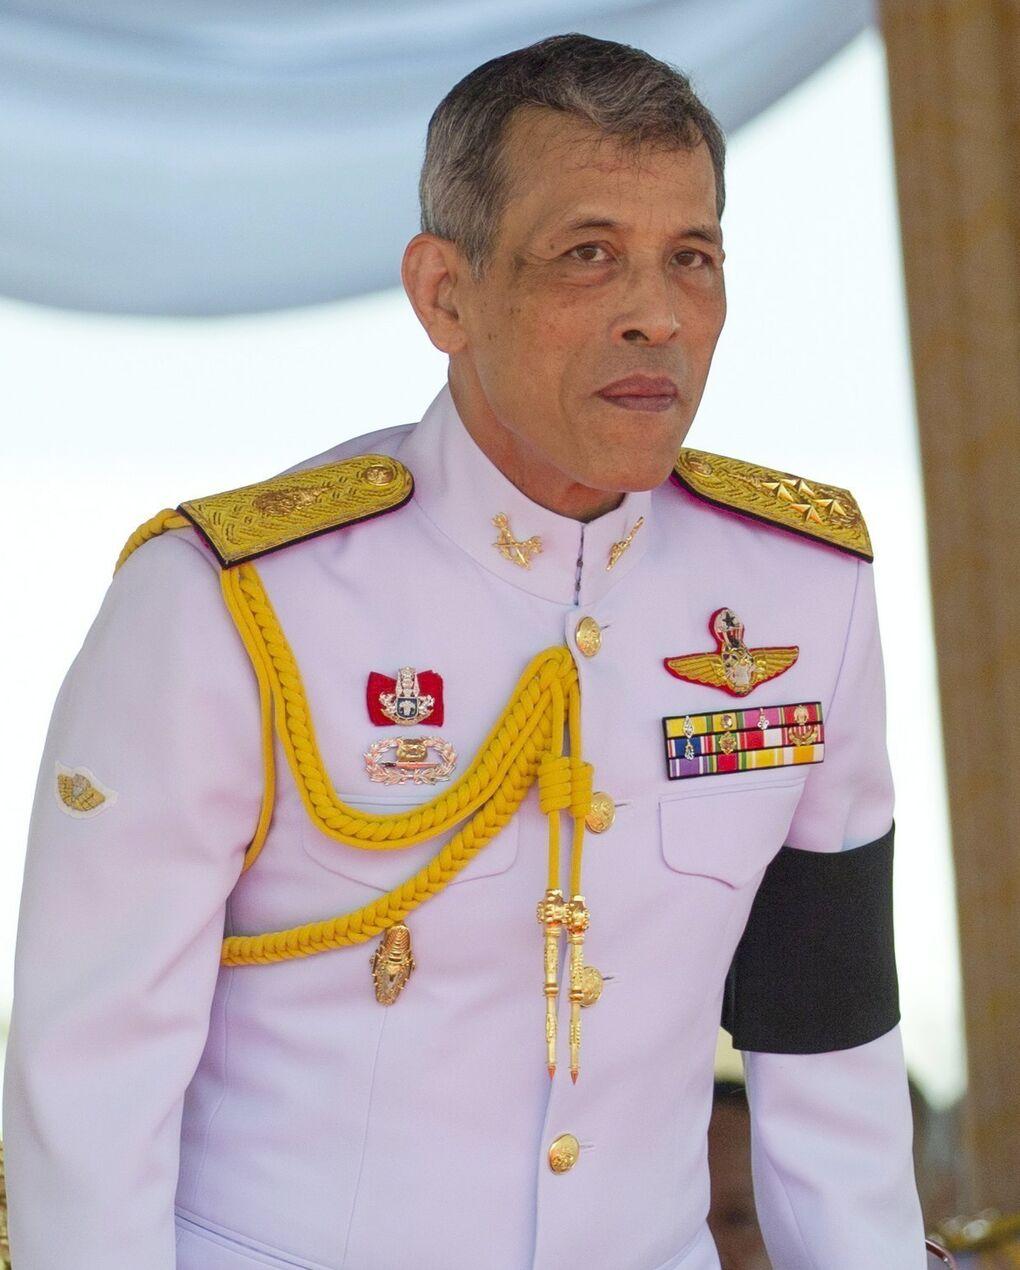 El vídeo del Rey de Tailandia vestido de mujer se hace viral y amenazan a Facebook para que lo retire